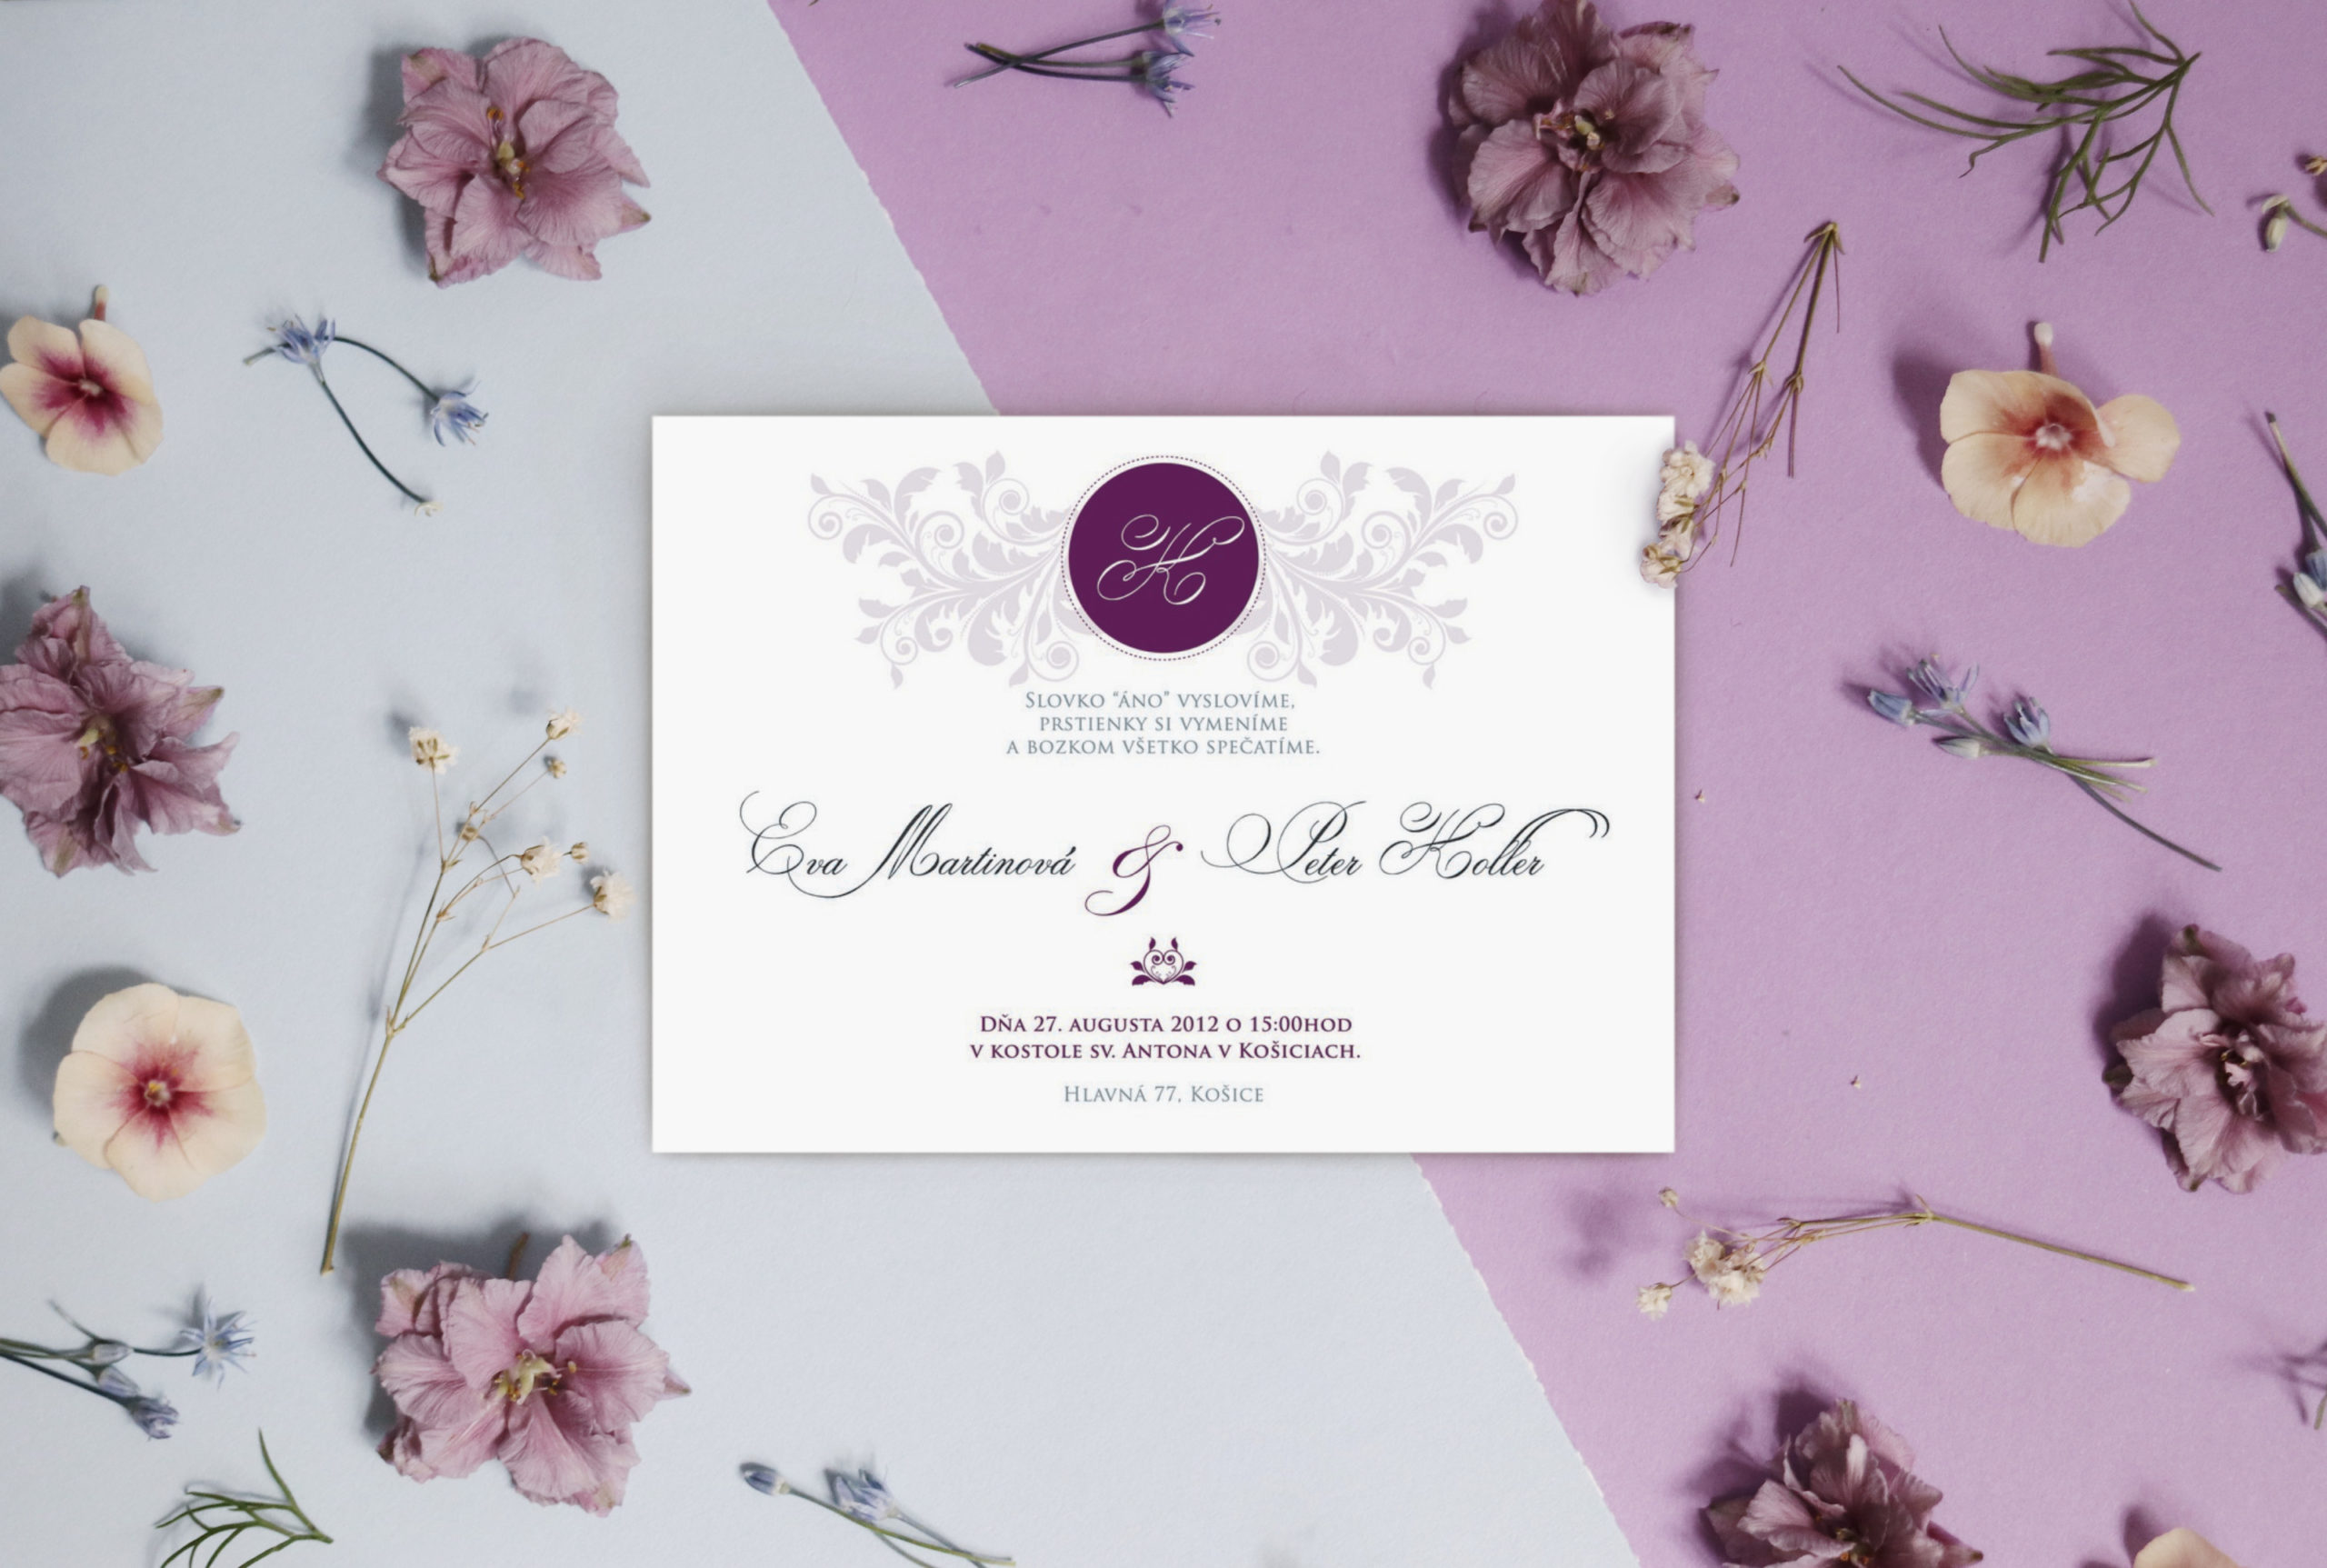 svadobne oznamenie svadobne oznamenia pozvanka na svadbu